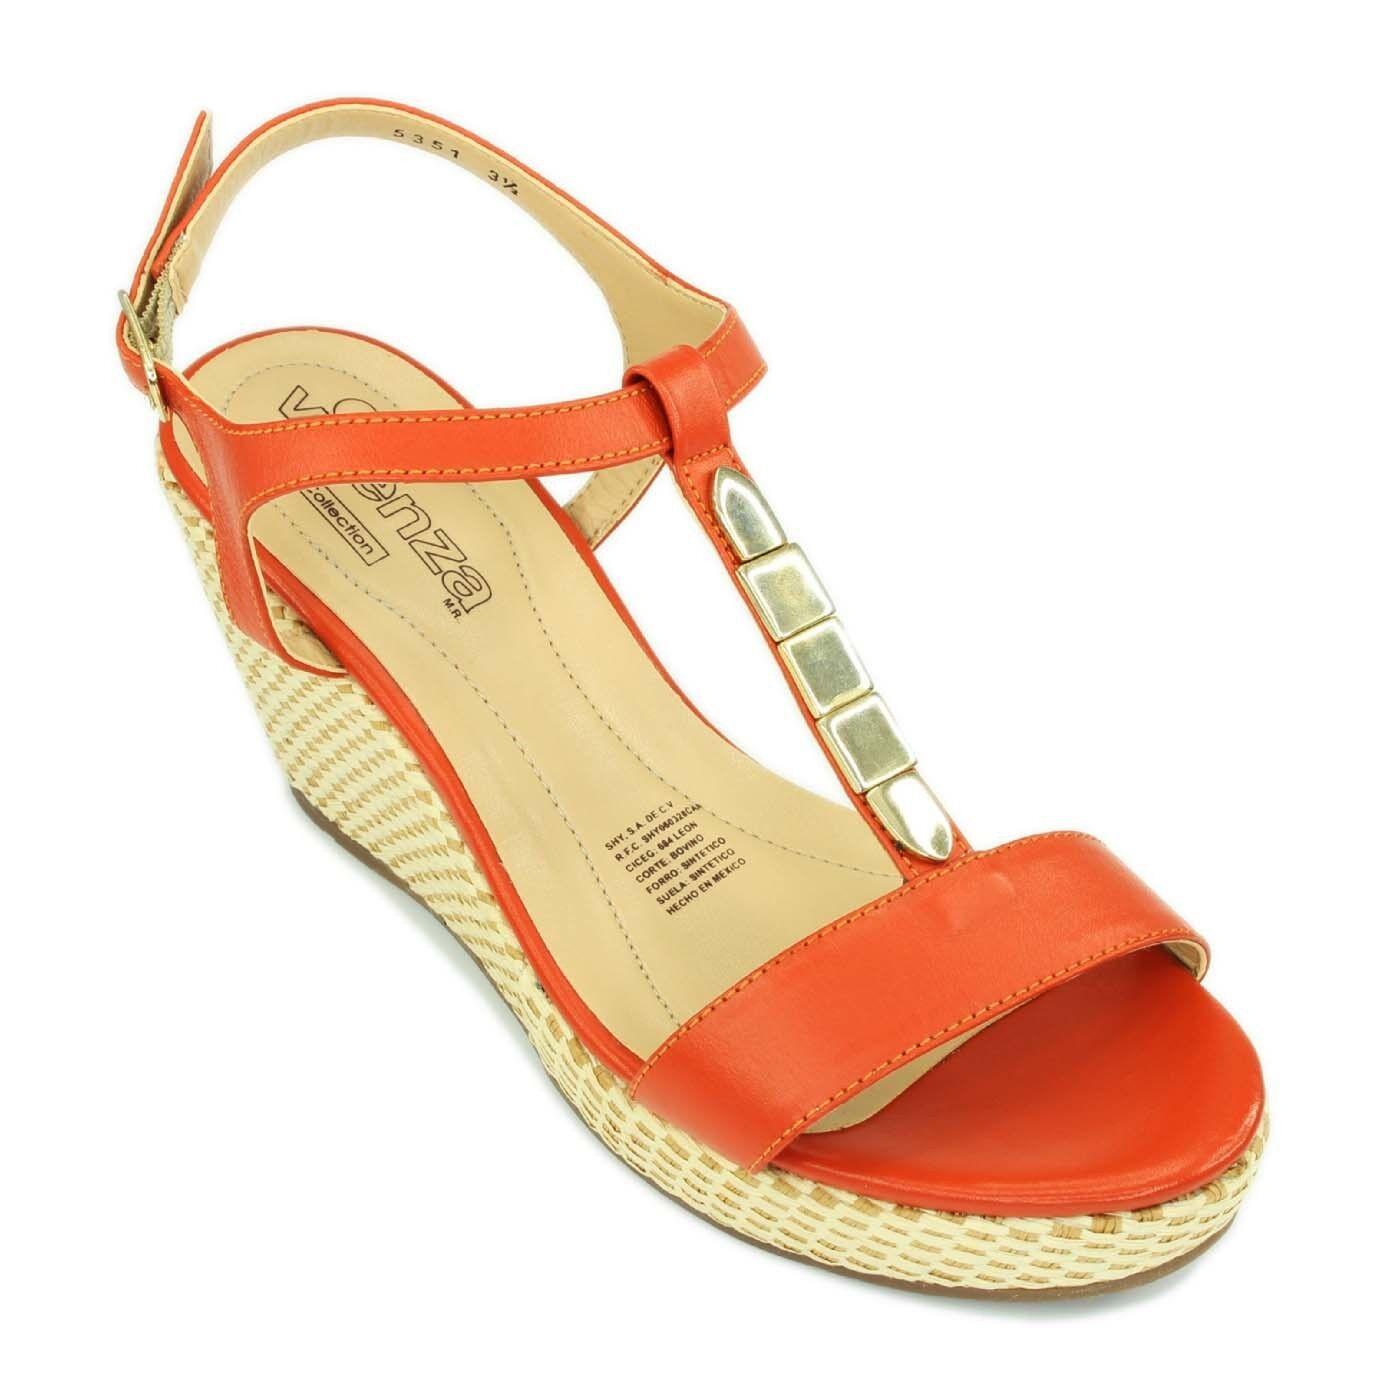 Fashion Woman Orange Wedges Leather T-bar Stylish Sandals Woven Wedges Orange Heels Shoes 1255c0